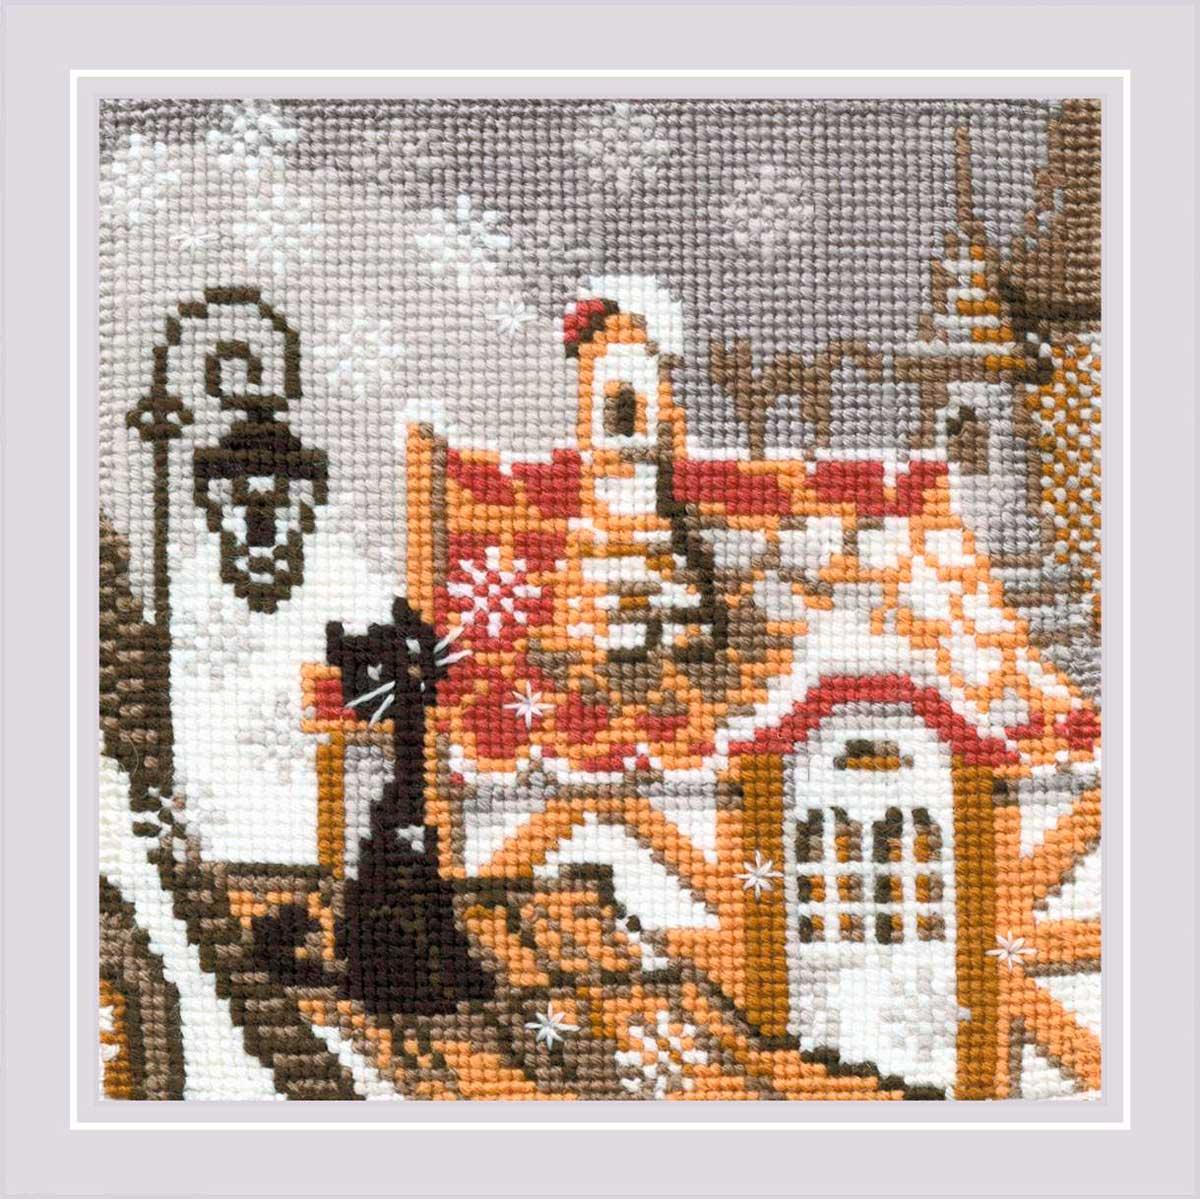 610 Набор для вышивания Riolis 'Город и кошки. Зима', 13*13 см